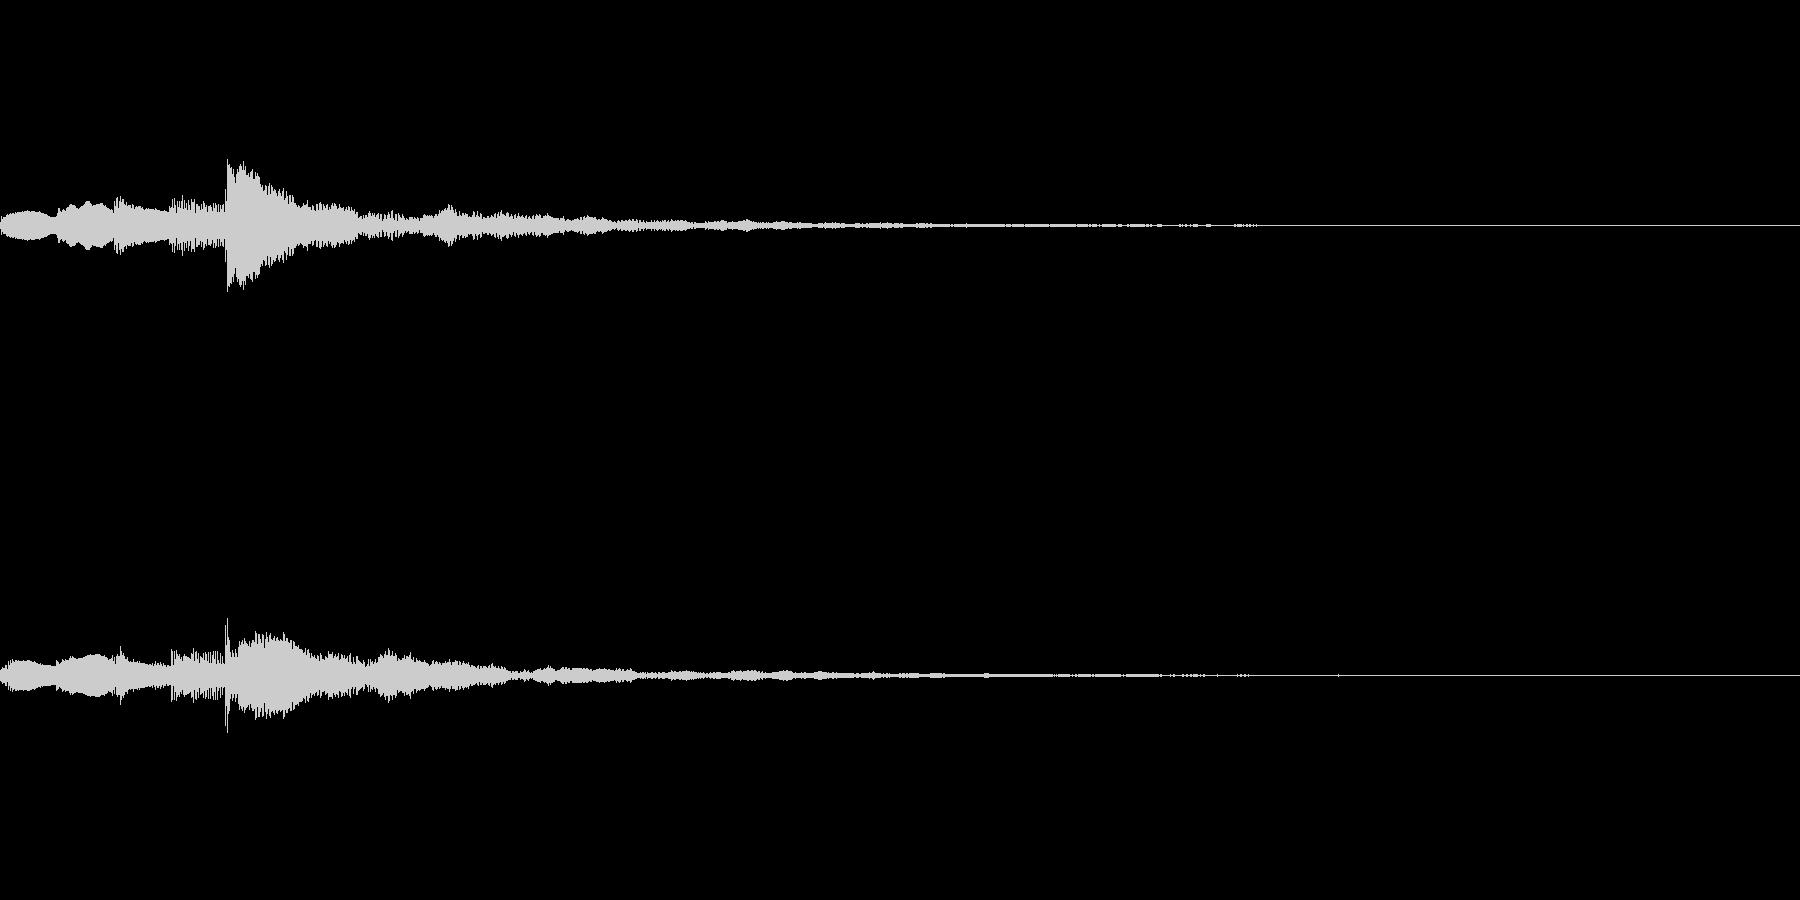 ミステリアスなスタート音の未再生の波形